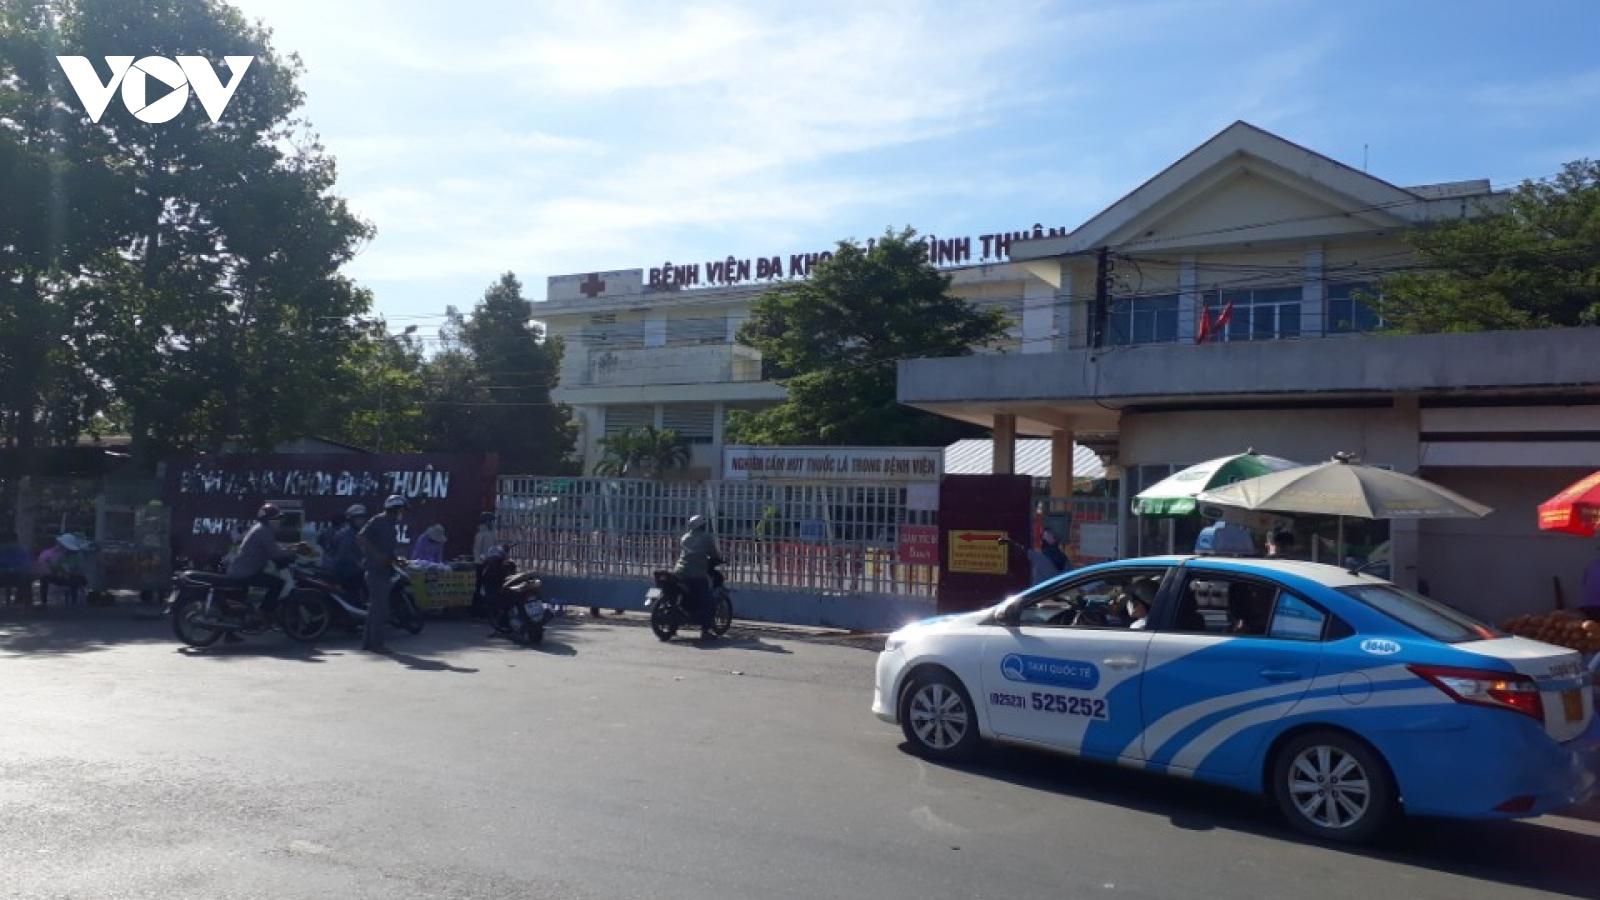 Bình Thuận thực hiện giãn cách xã hội thành phố Phan Thiết và huyện Tuy Phong